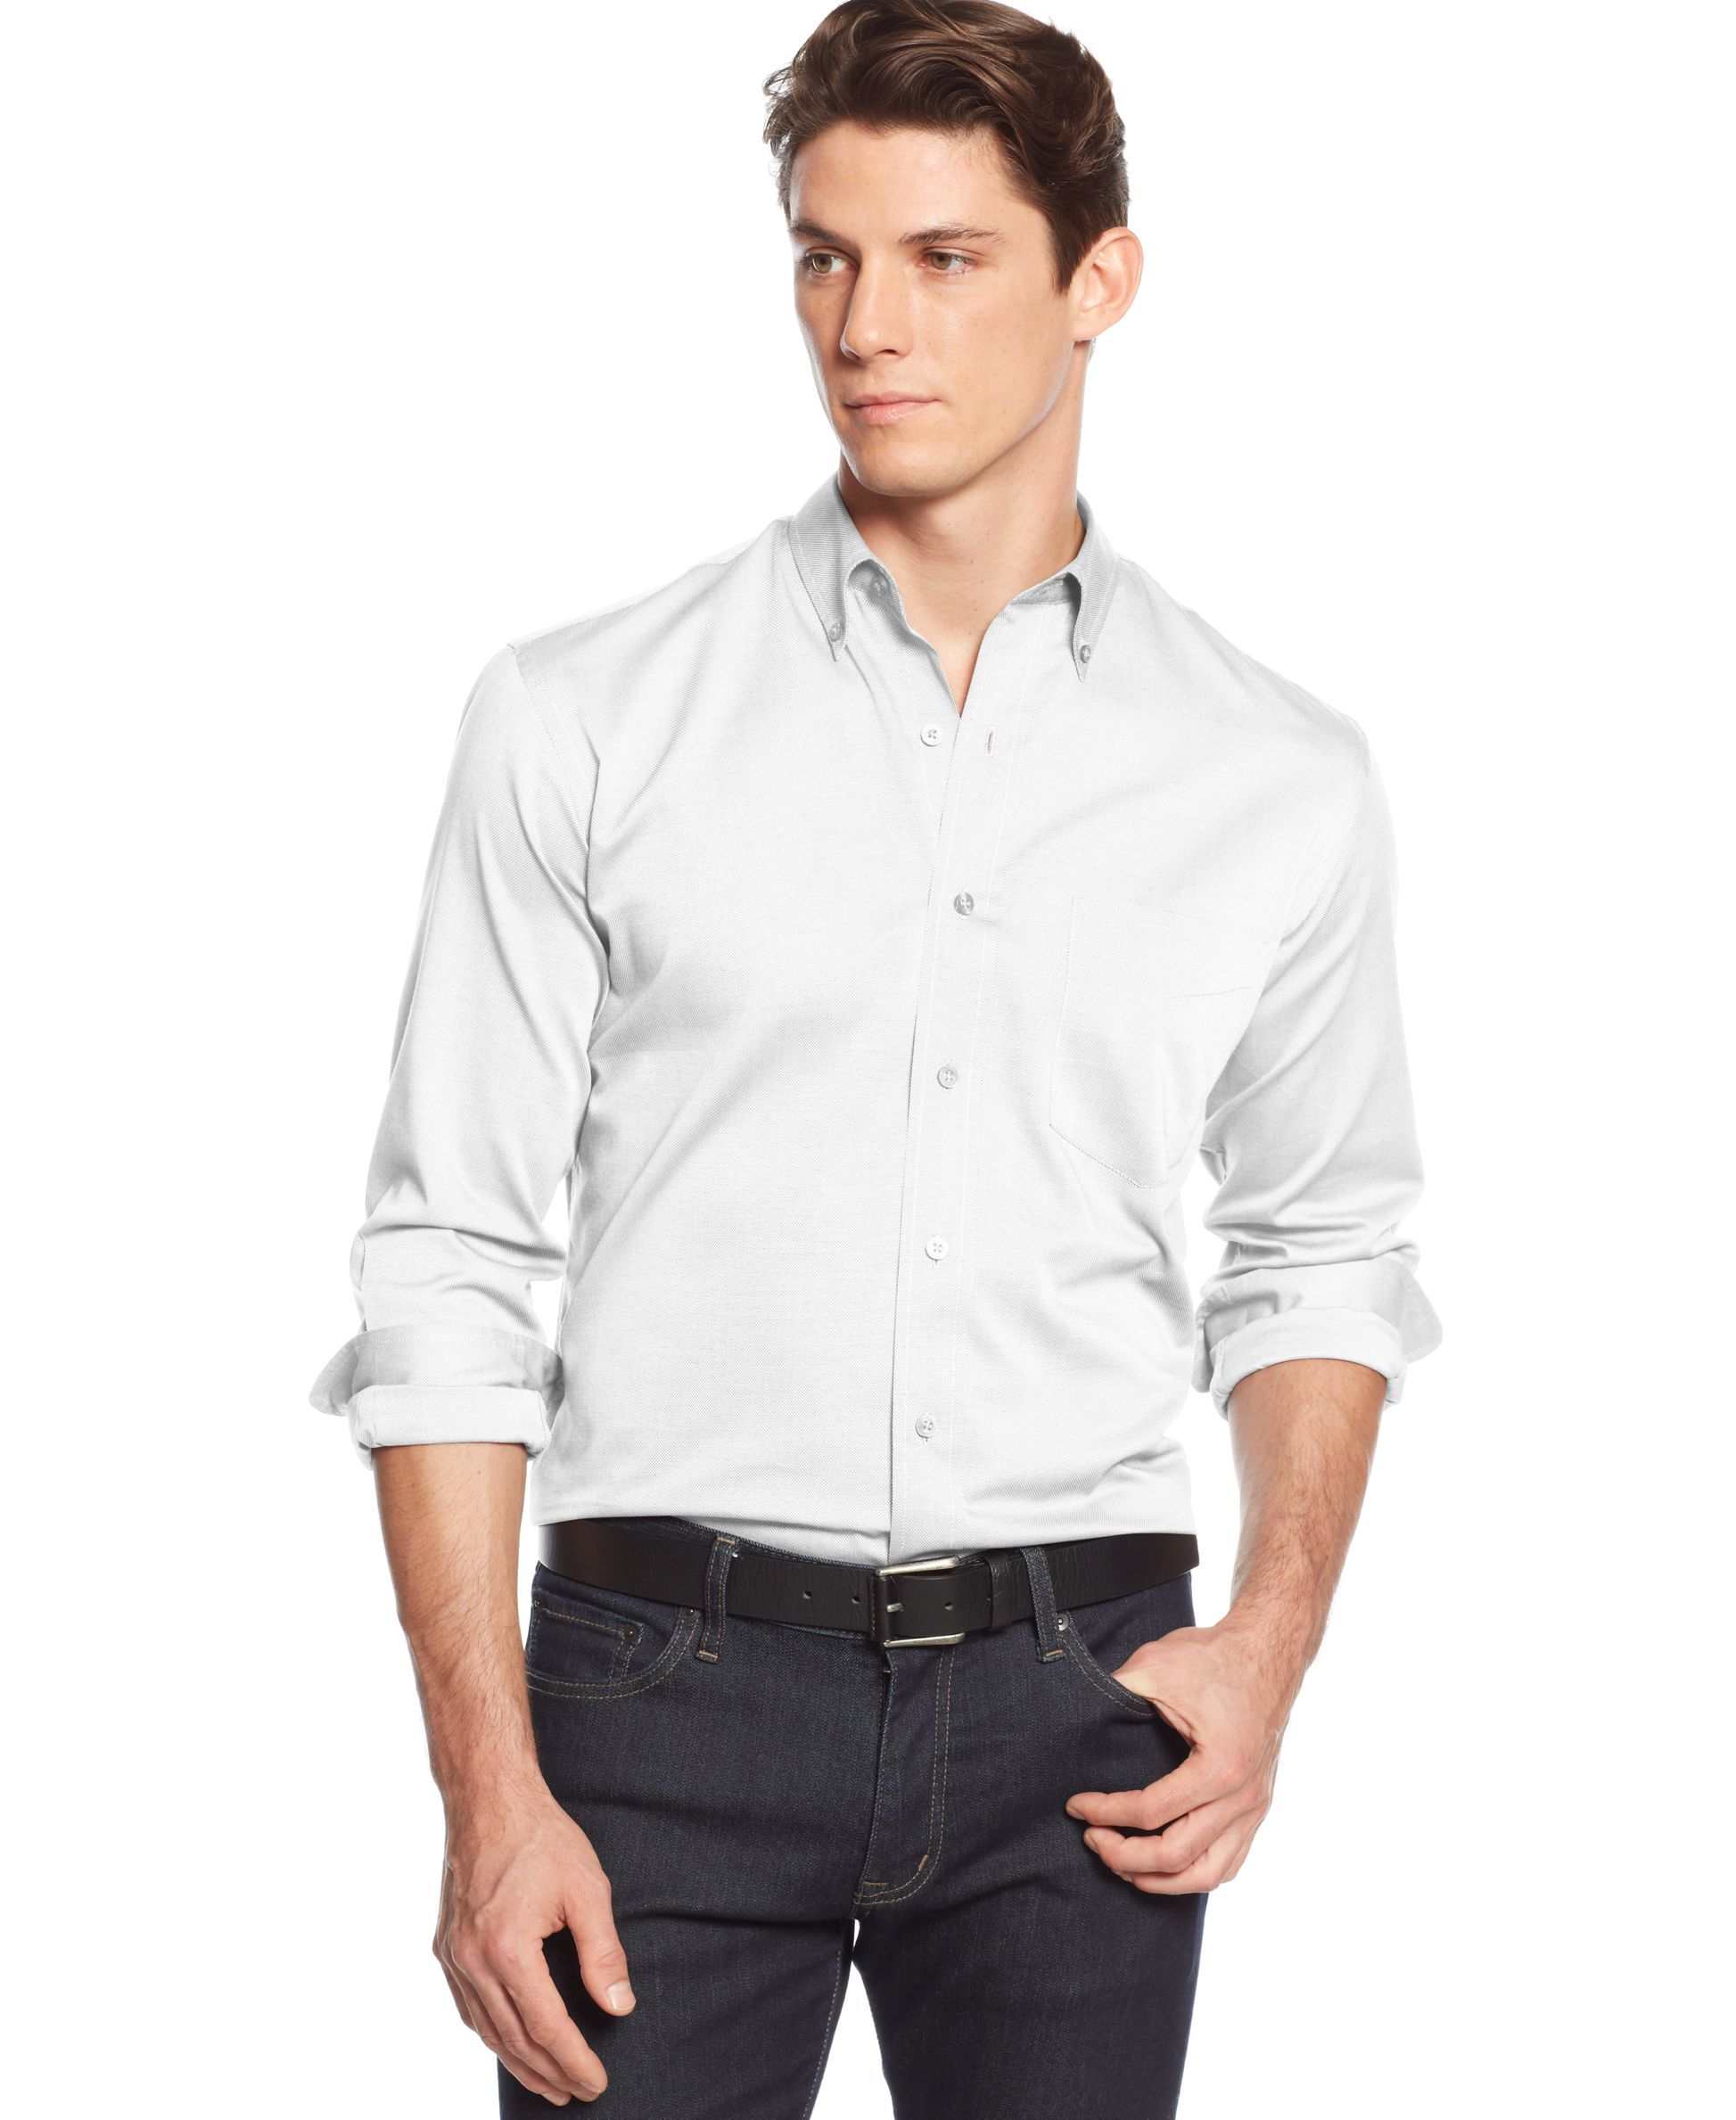 Club Room Solid Wrinkle-Resistant Long Sleeve Shirt